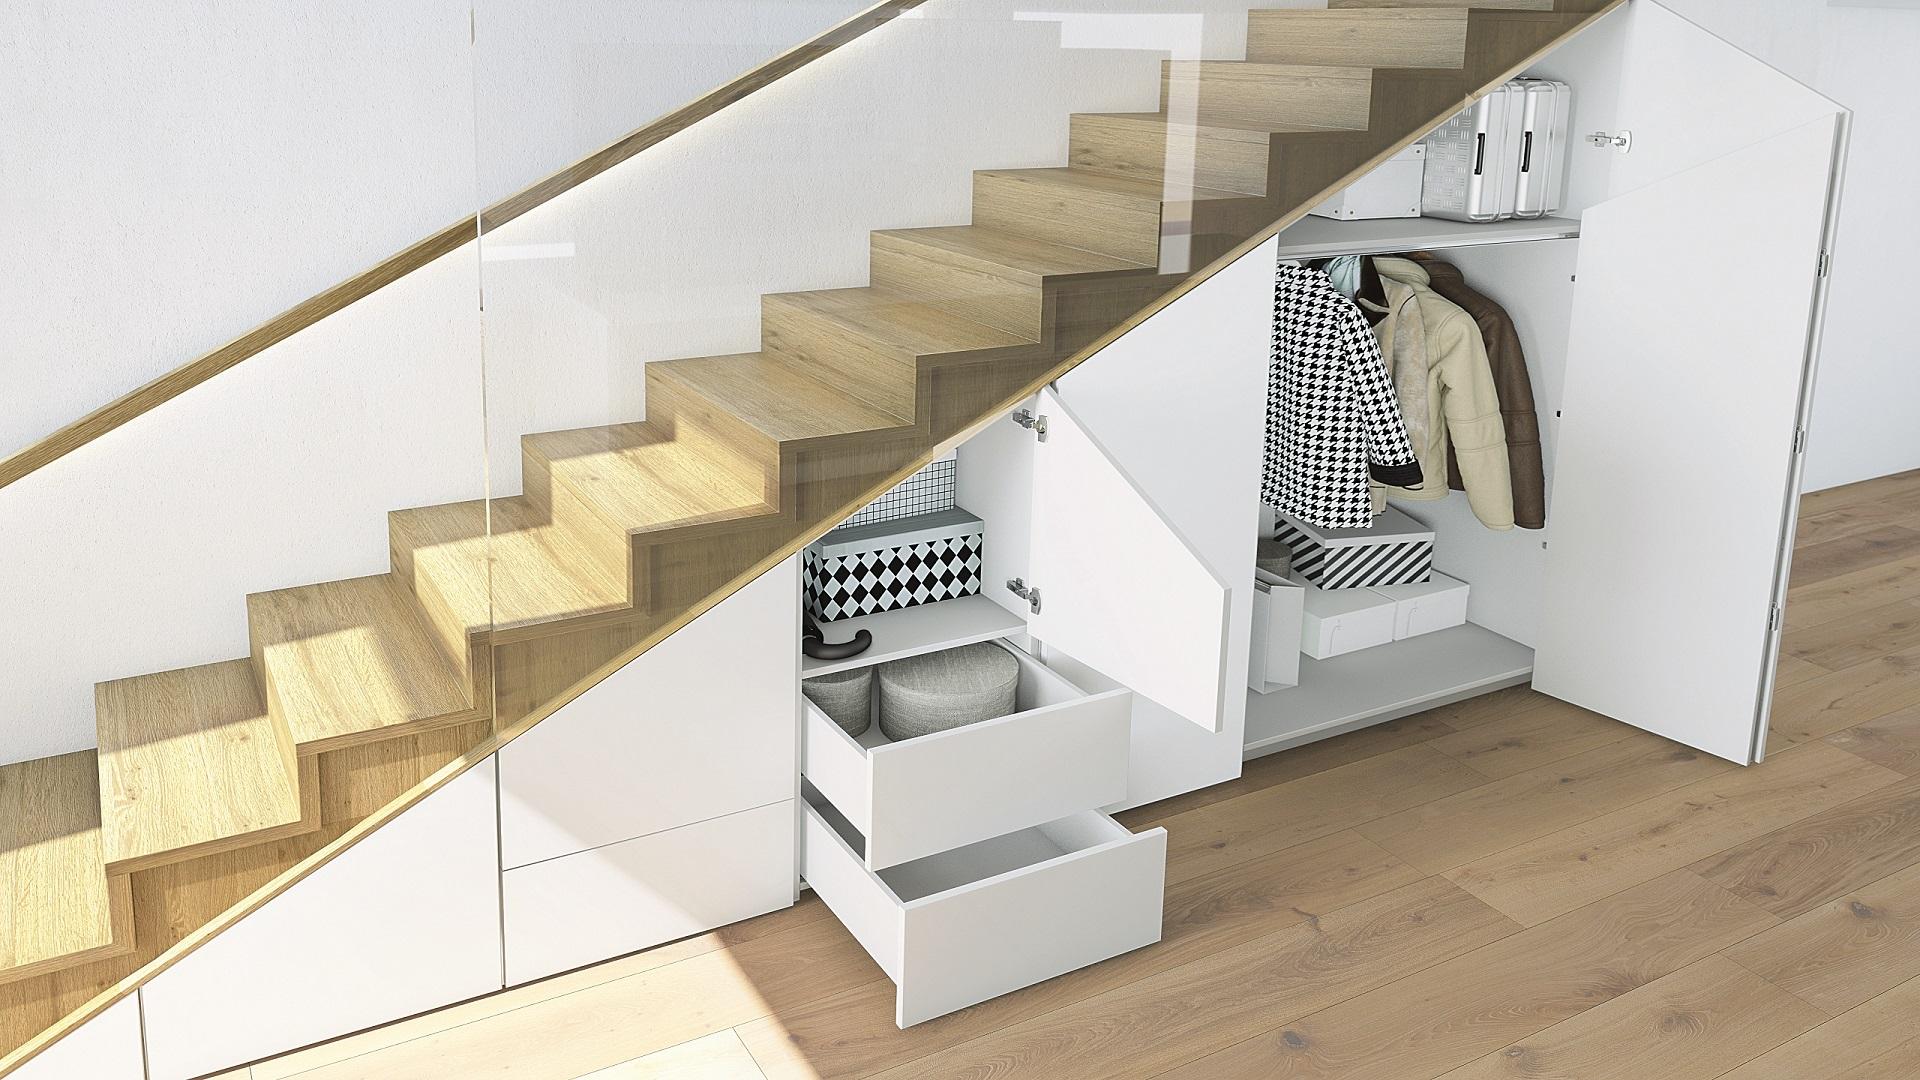 wingline l creates subtle under stair storage